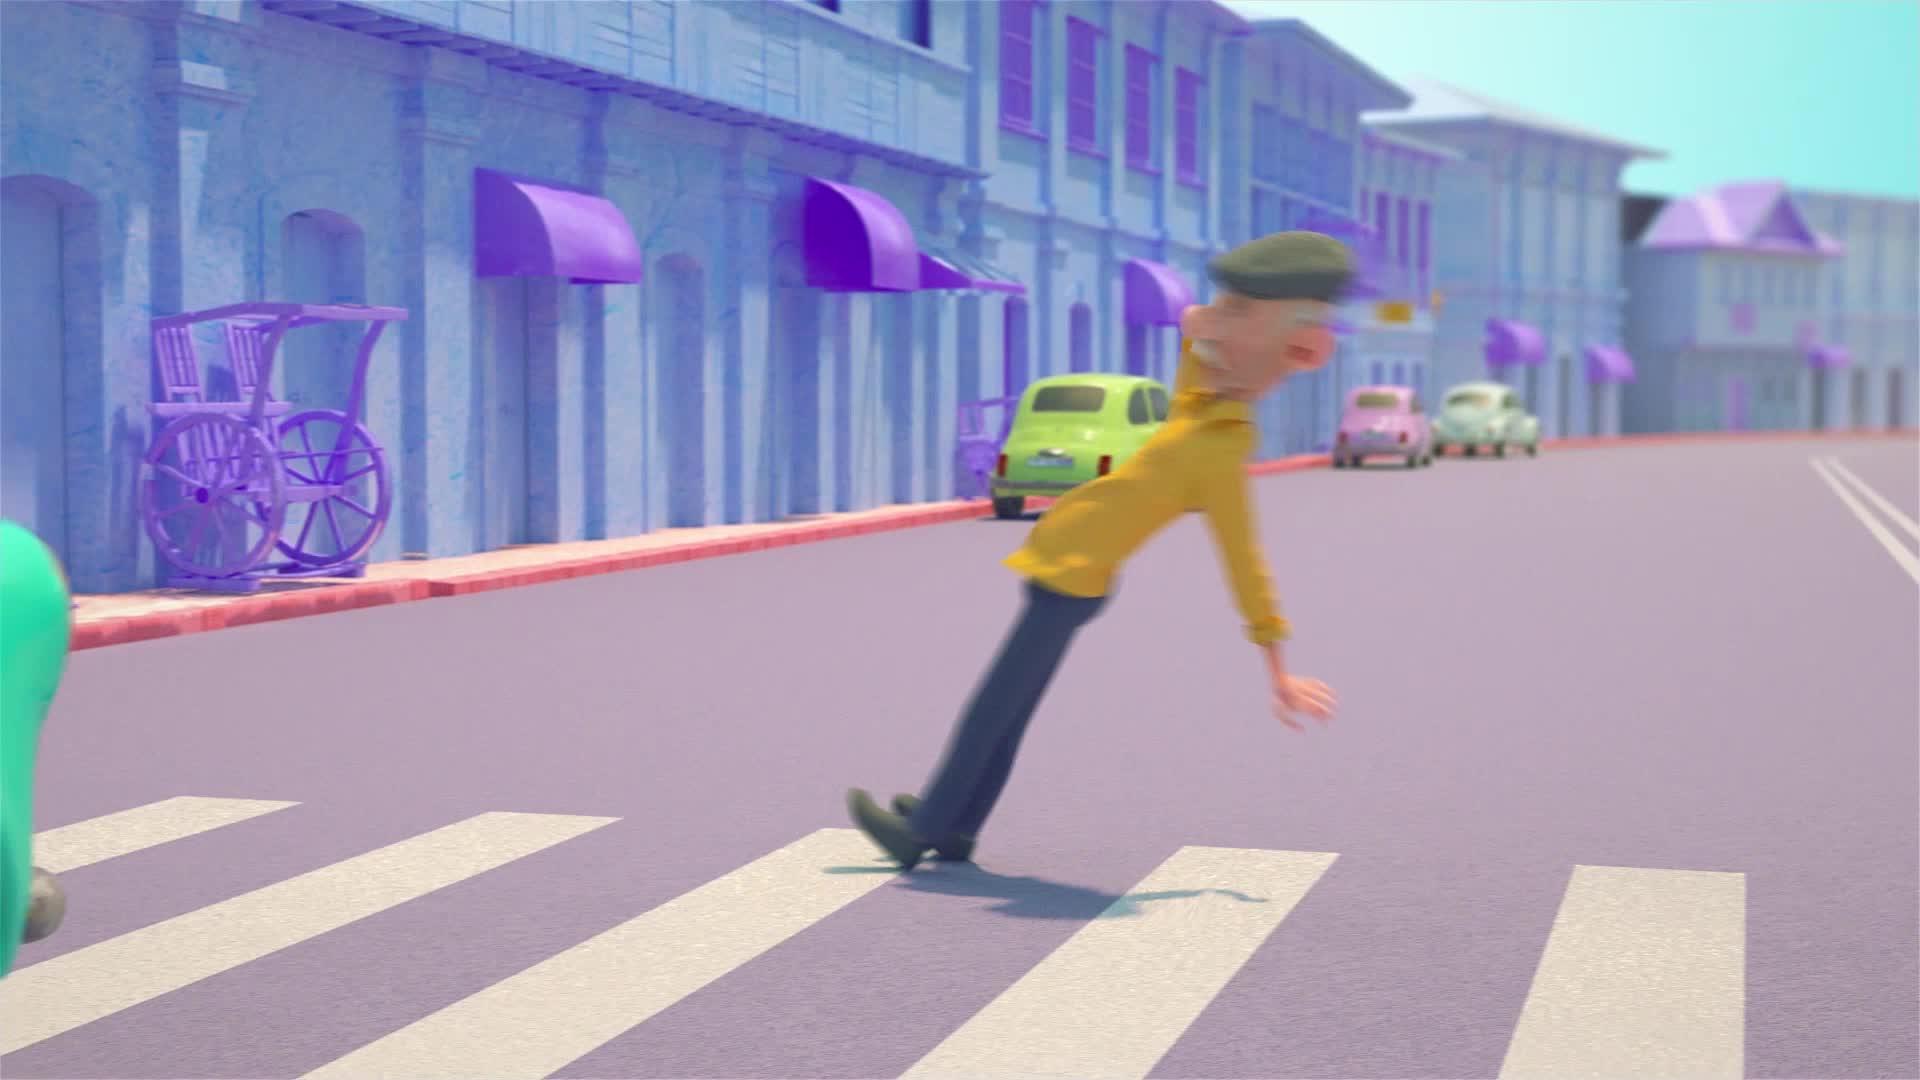 master-video-animation-freelancer-image-84675